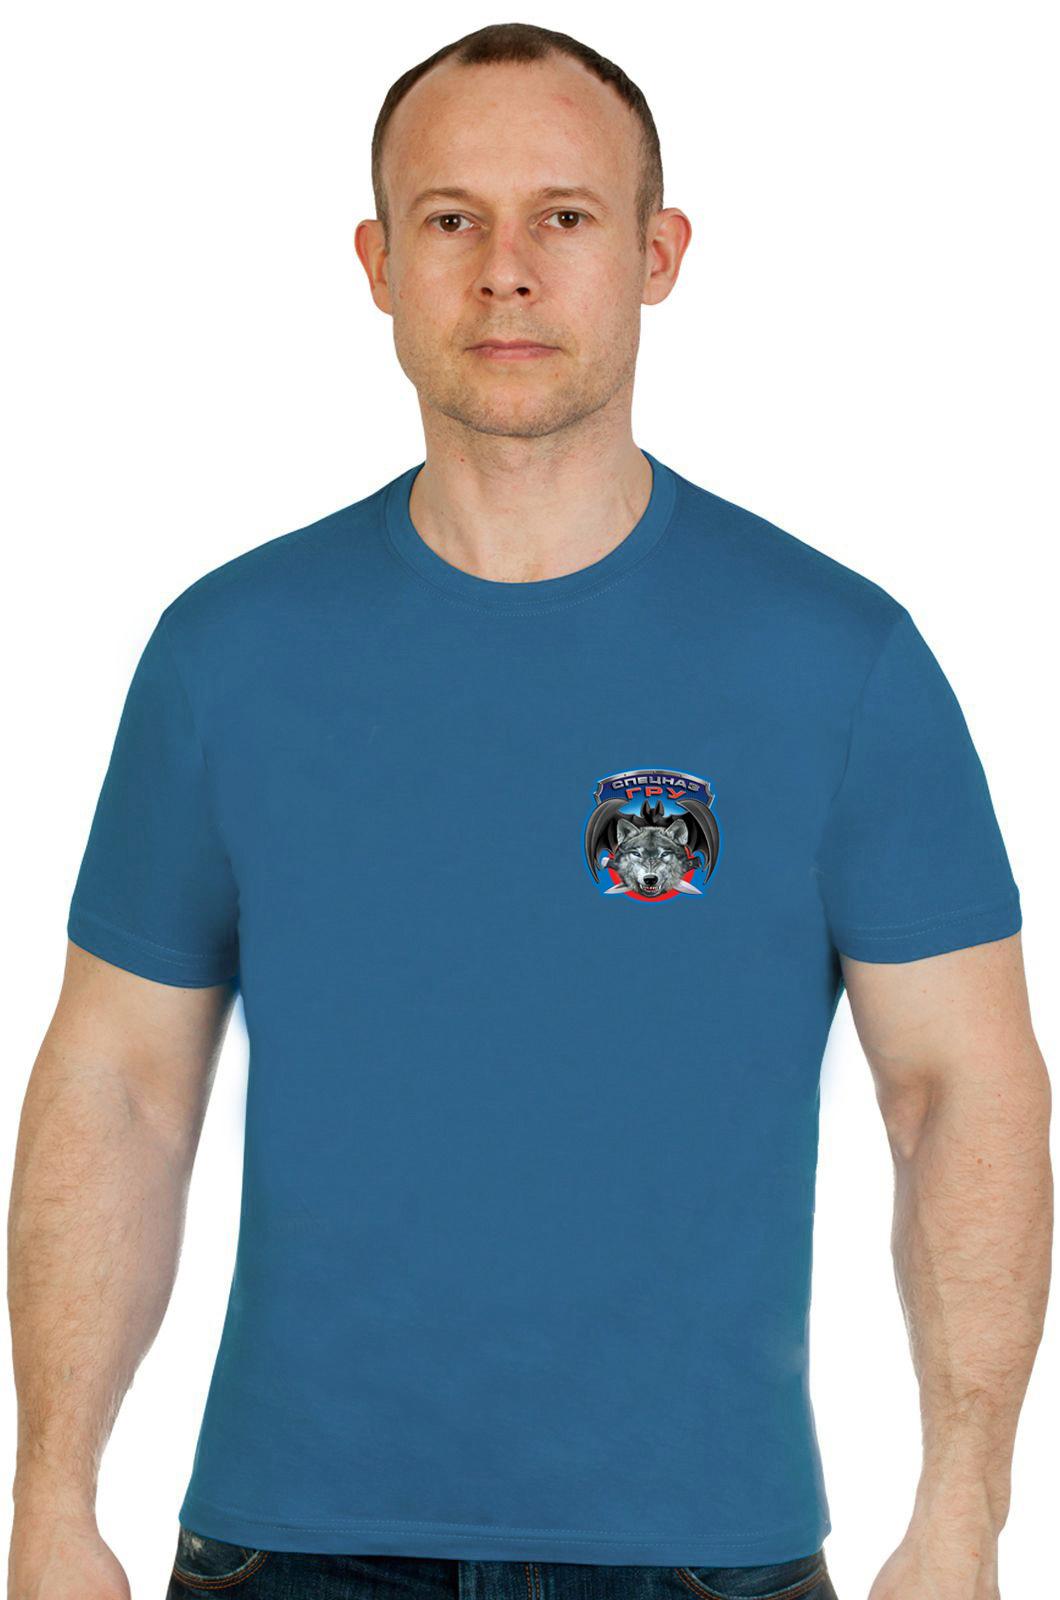 Купить высококачественную футболку Спецназ ГРУ выгодно